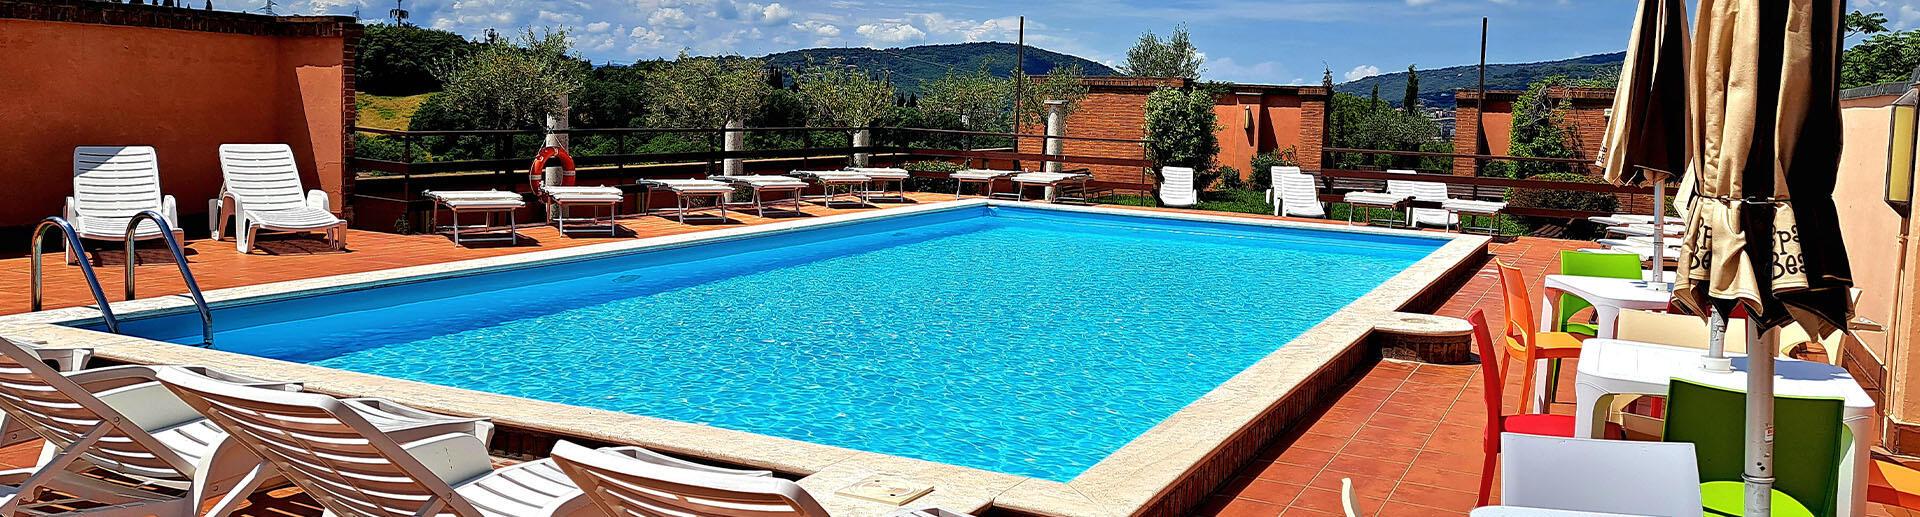 chocohotel en choco-pool 012